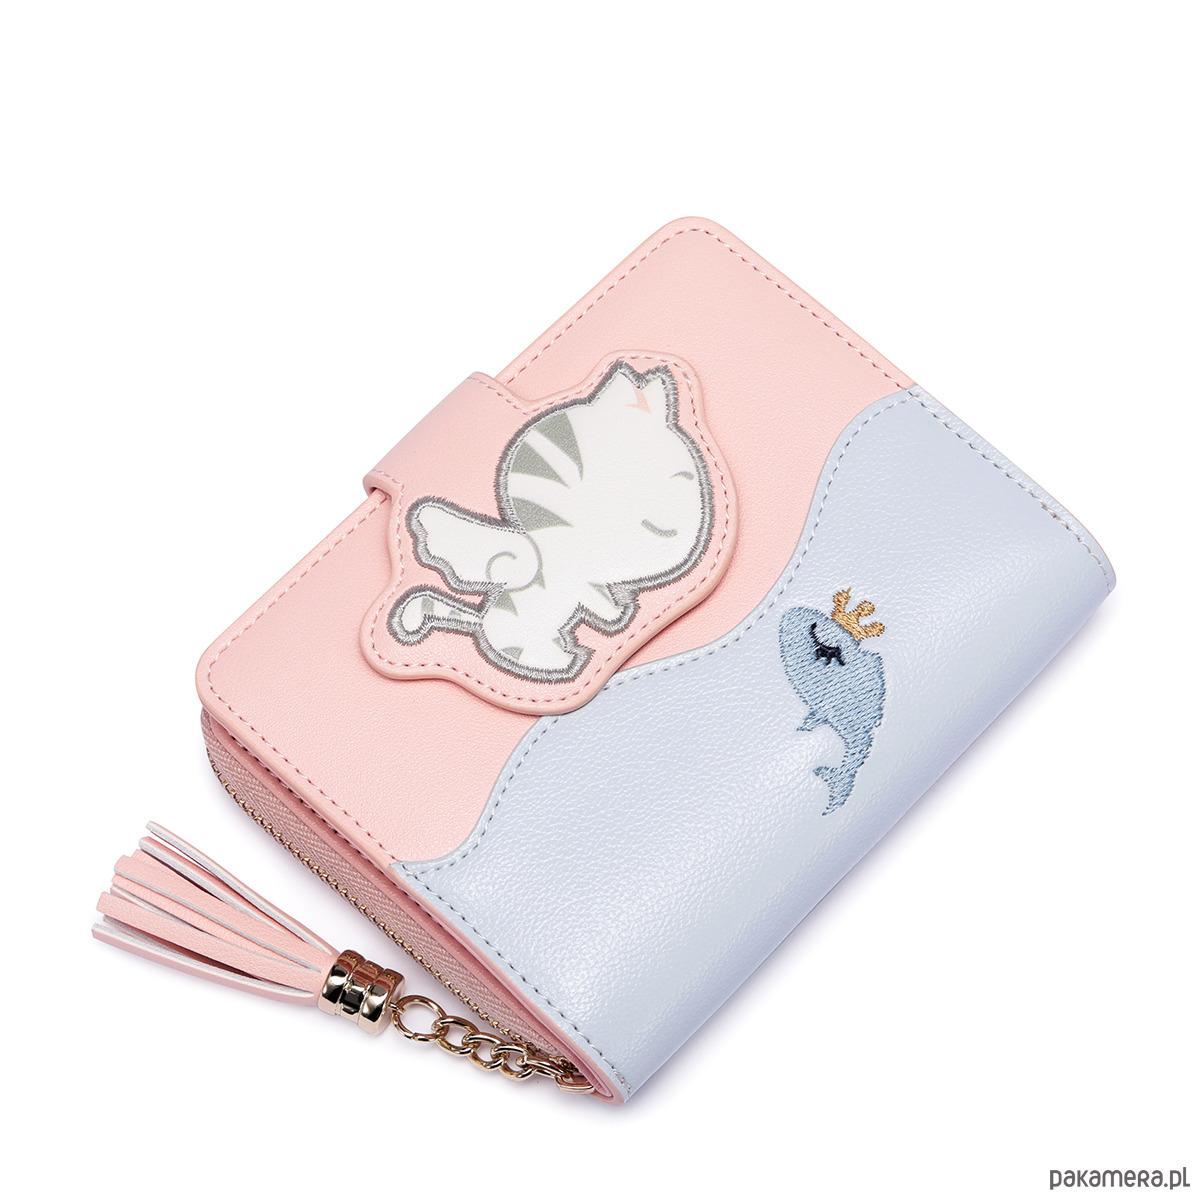 2b6e88ab0c62d1 JUST STAR Komiksowy krótki portfel Różowy - portfele - damskie ...